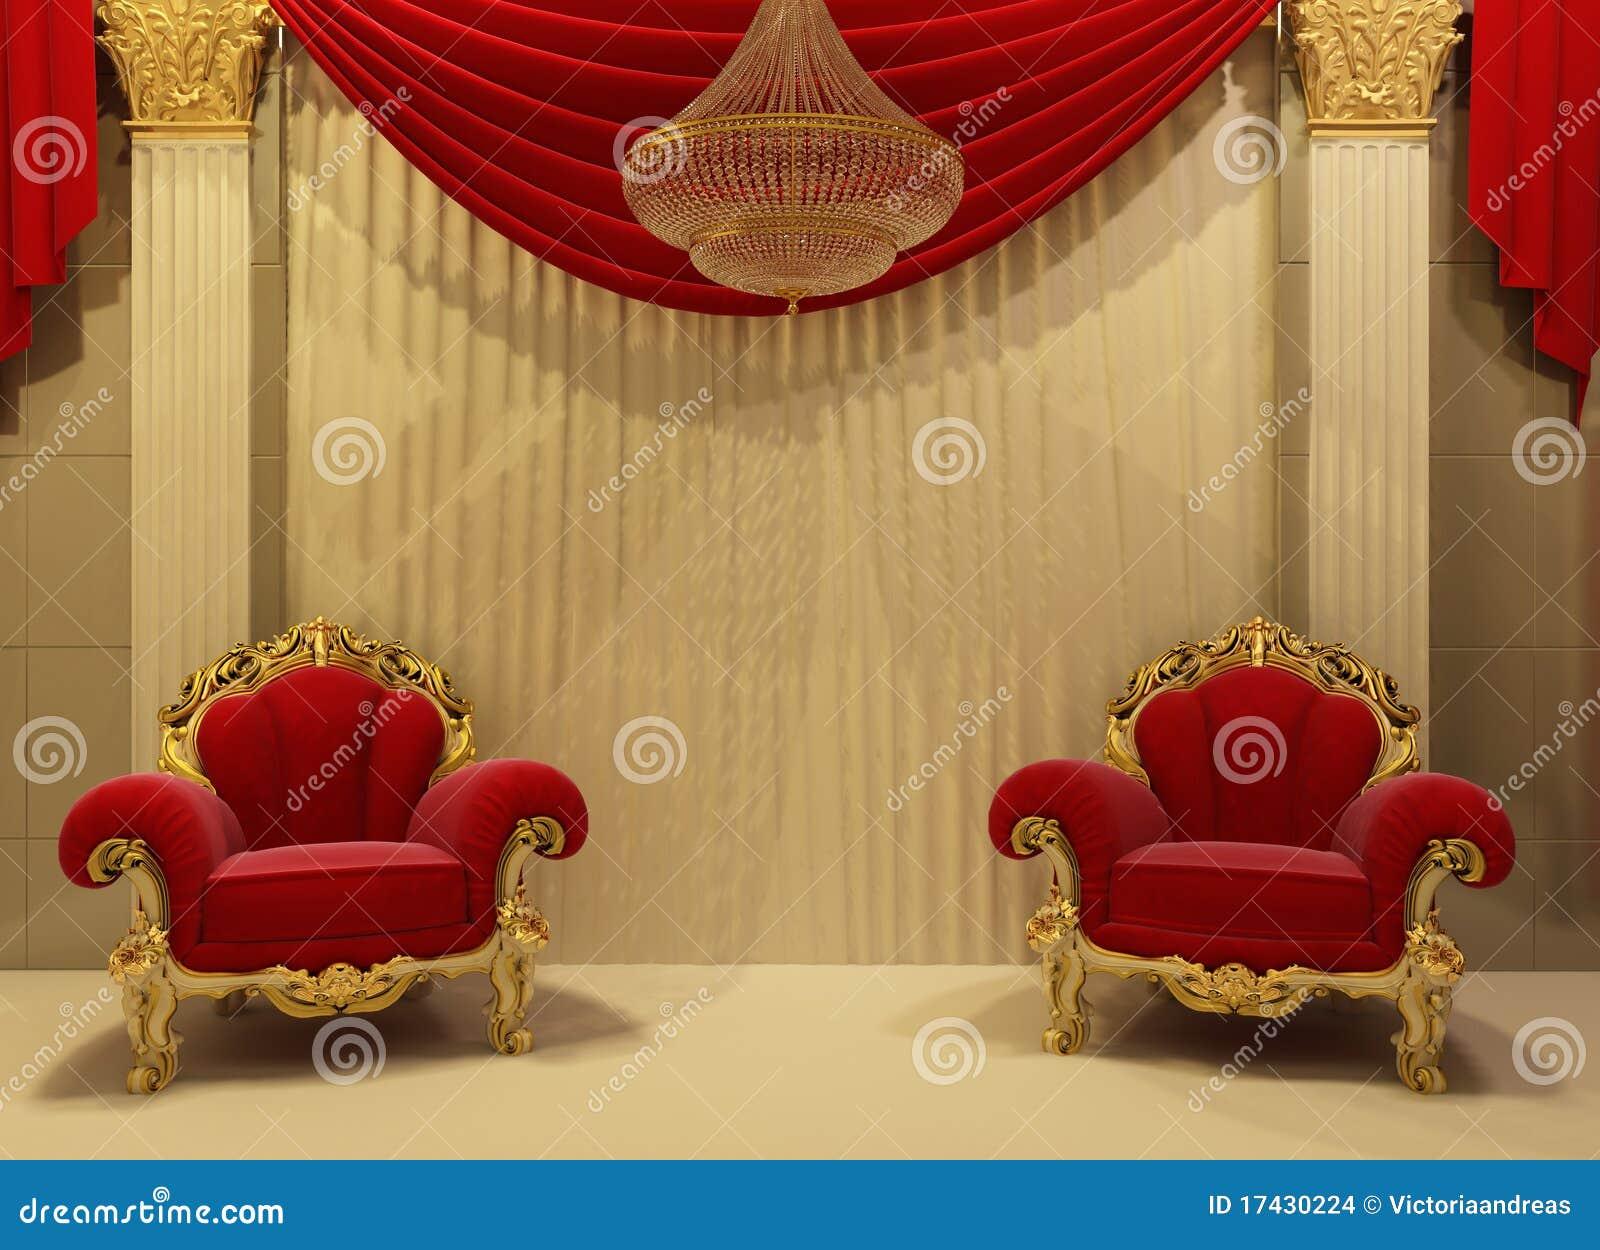 Mob lia barroca no interior real ilustra o stock for Mobilia download